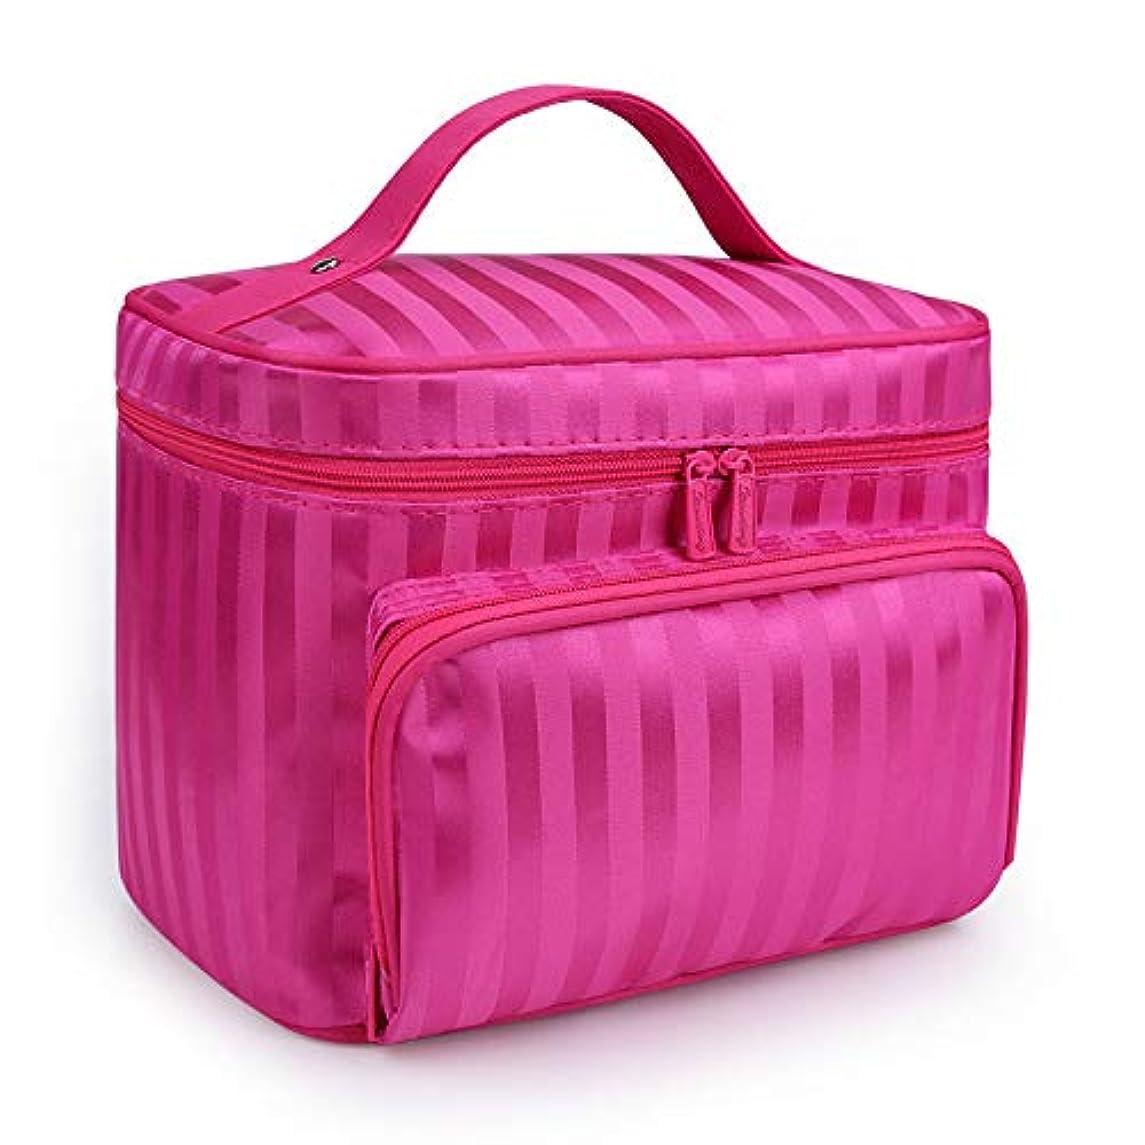 応用予見する記録化粧品袋 女性化粧品袋ストライプパターンオーガナイザー化粧バッグ??旅行トイレタリーバッグ大容量ストレージ美容バッグ